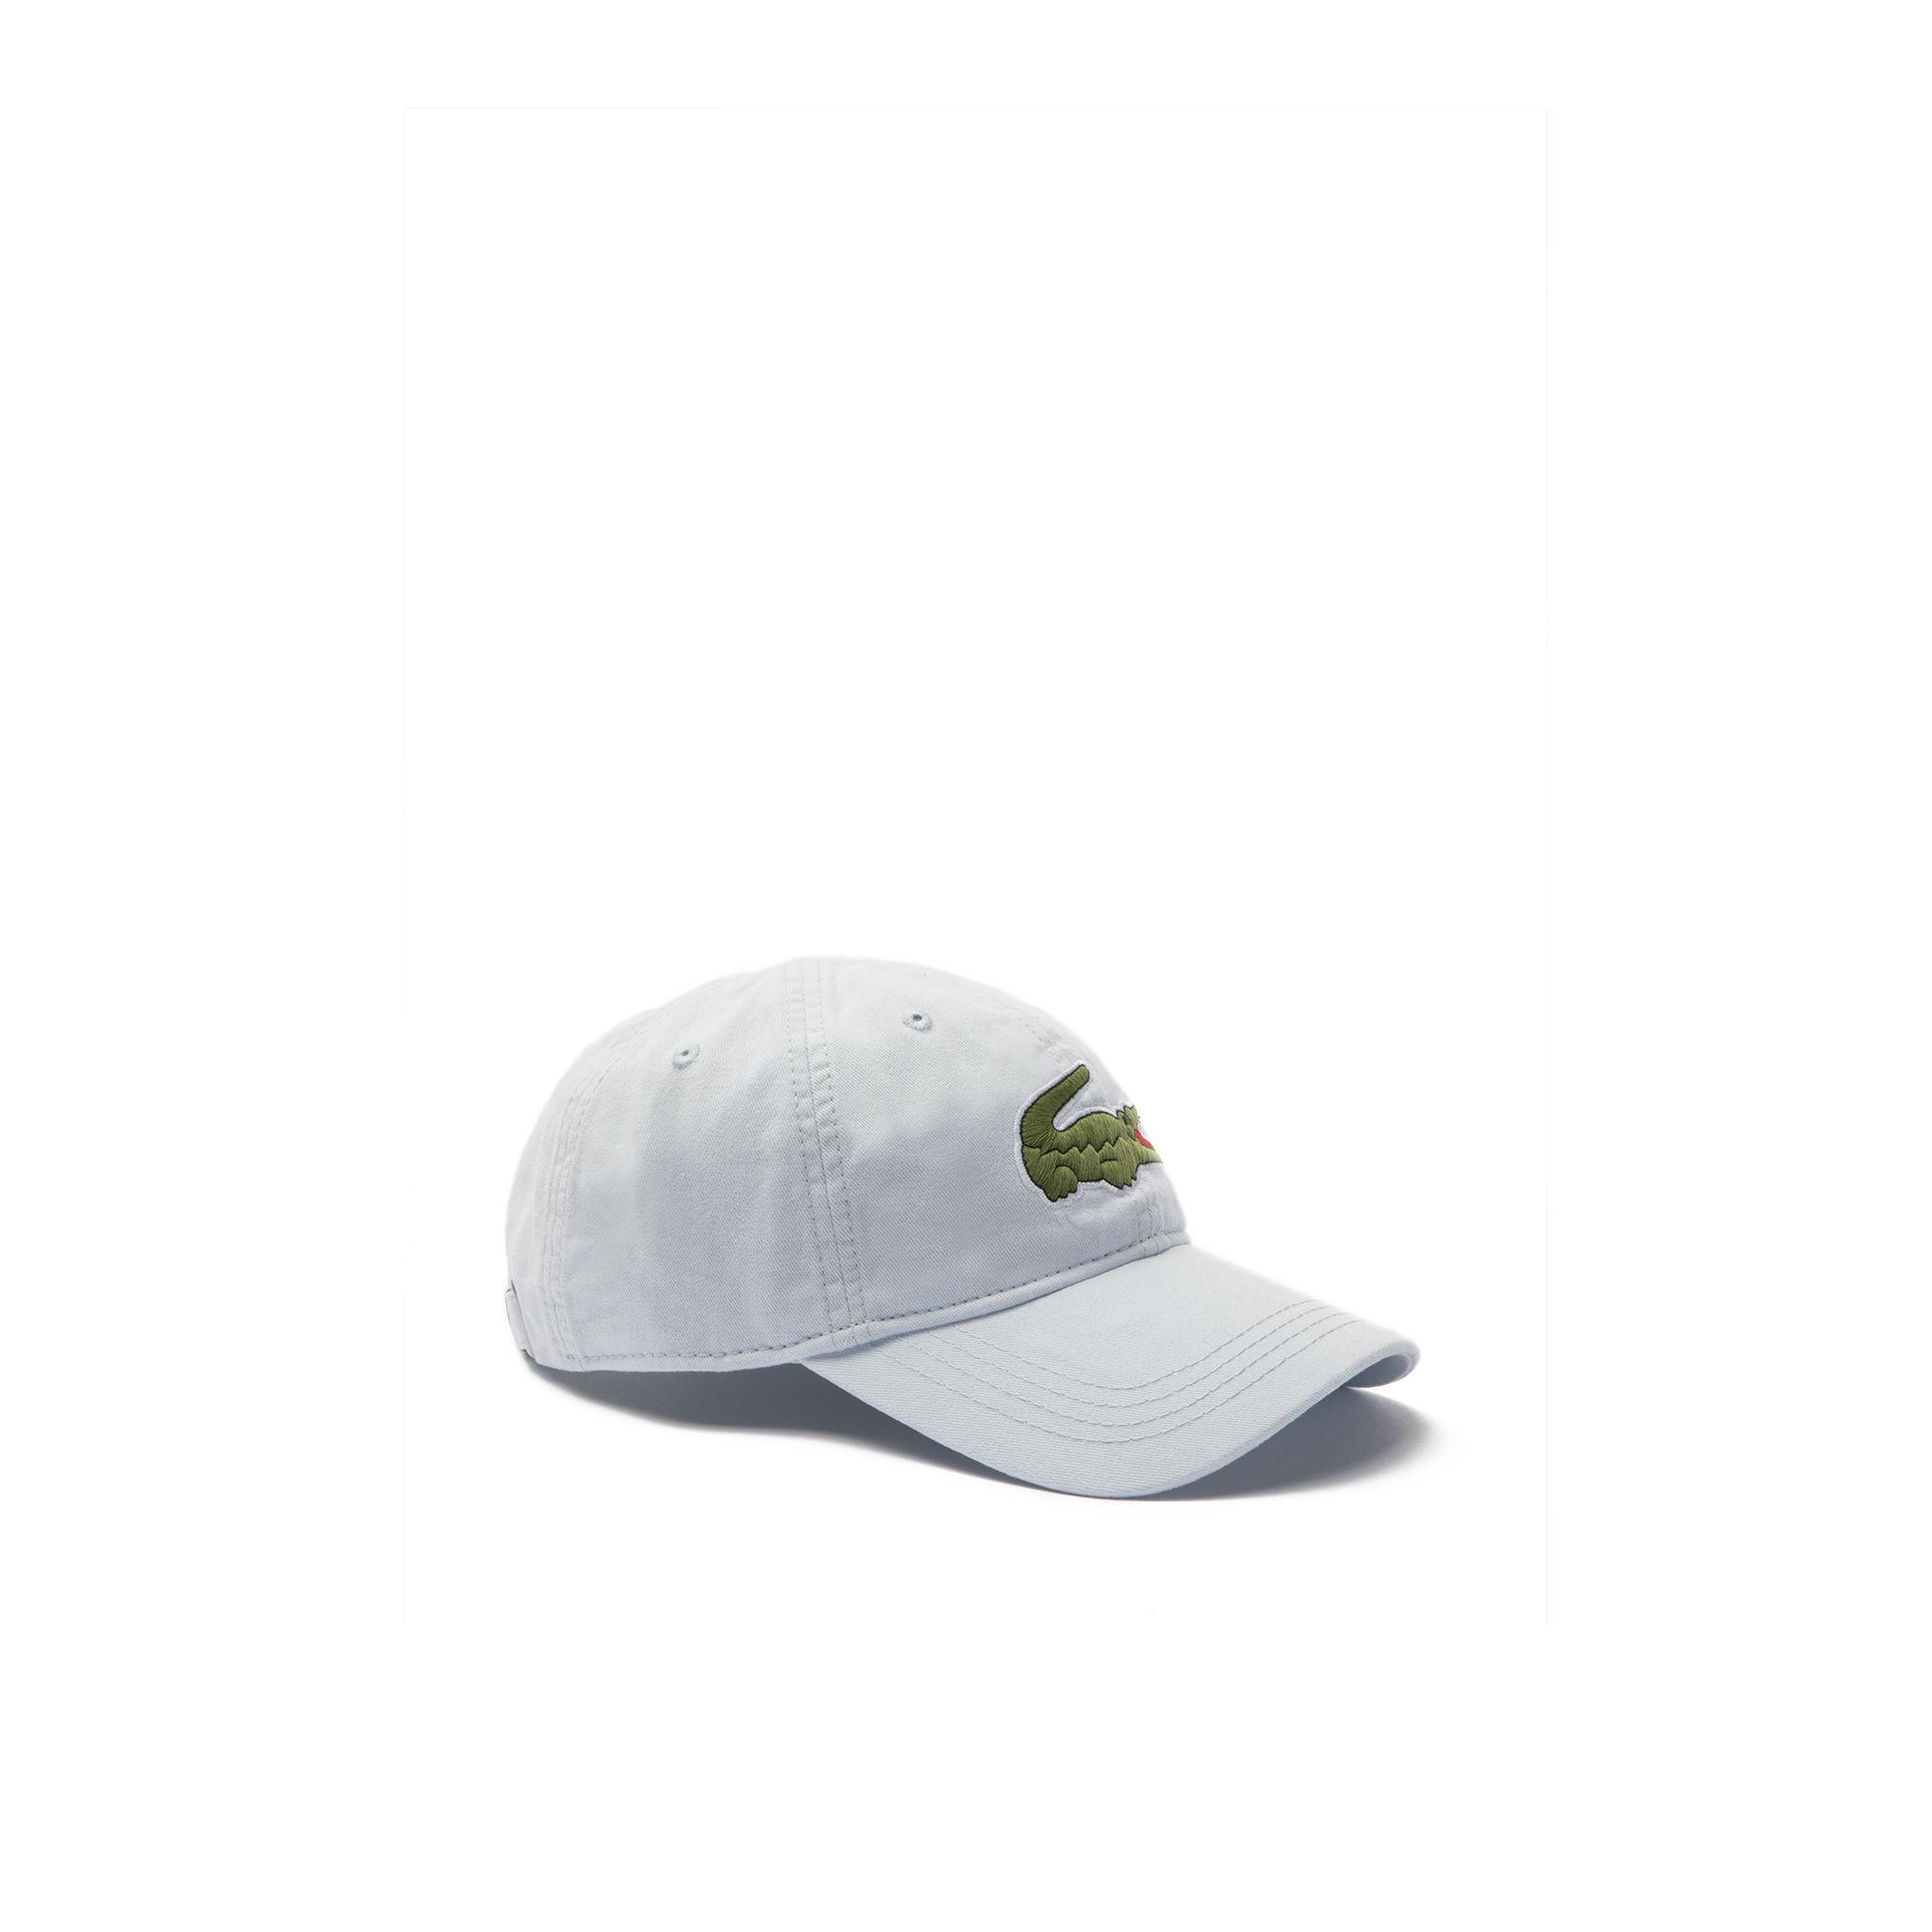 c54e8815c203c3 Lyst - Lacoste Big Croc Gabardine Cap in Gray for Men